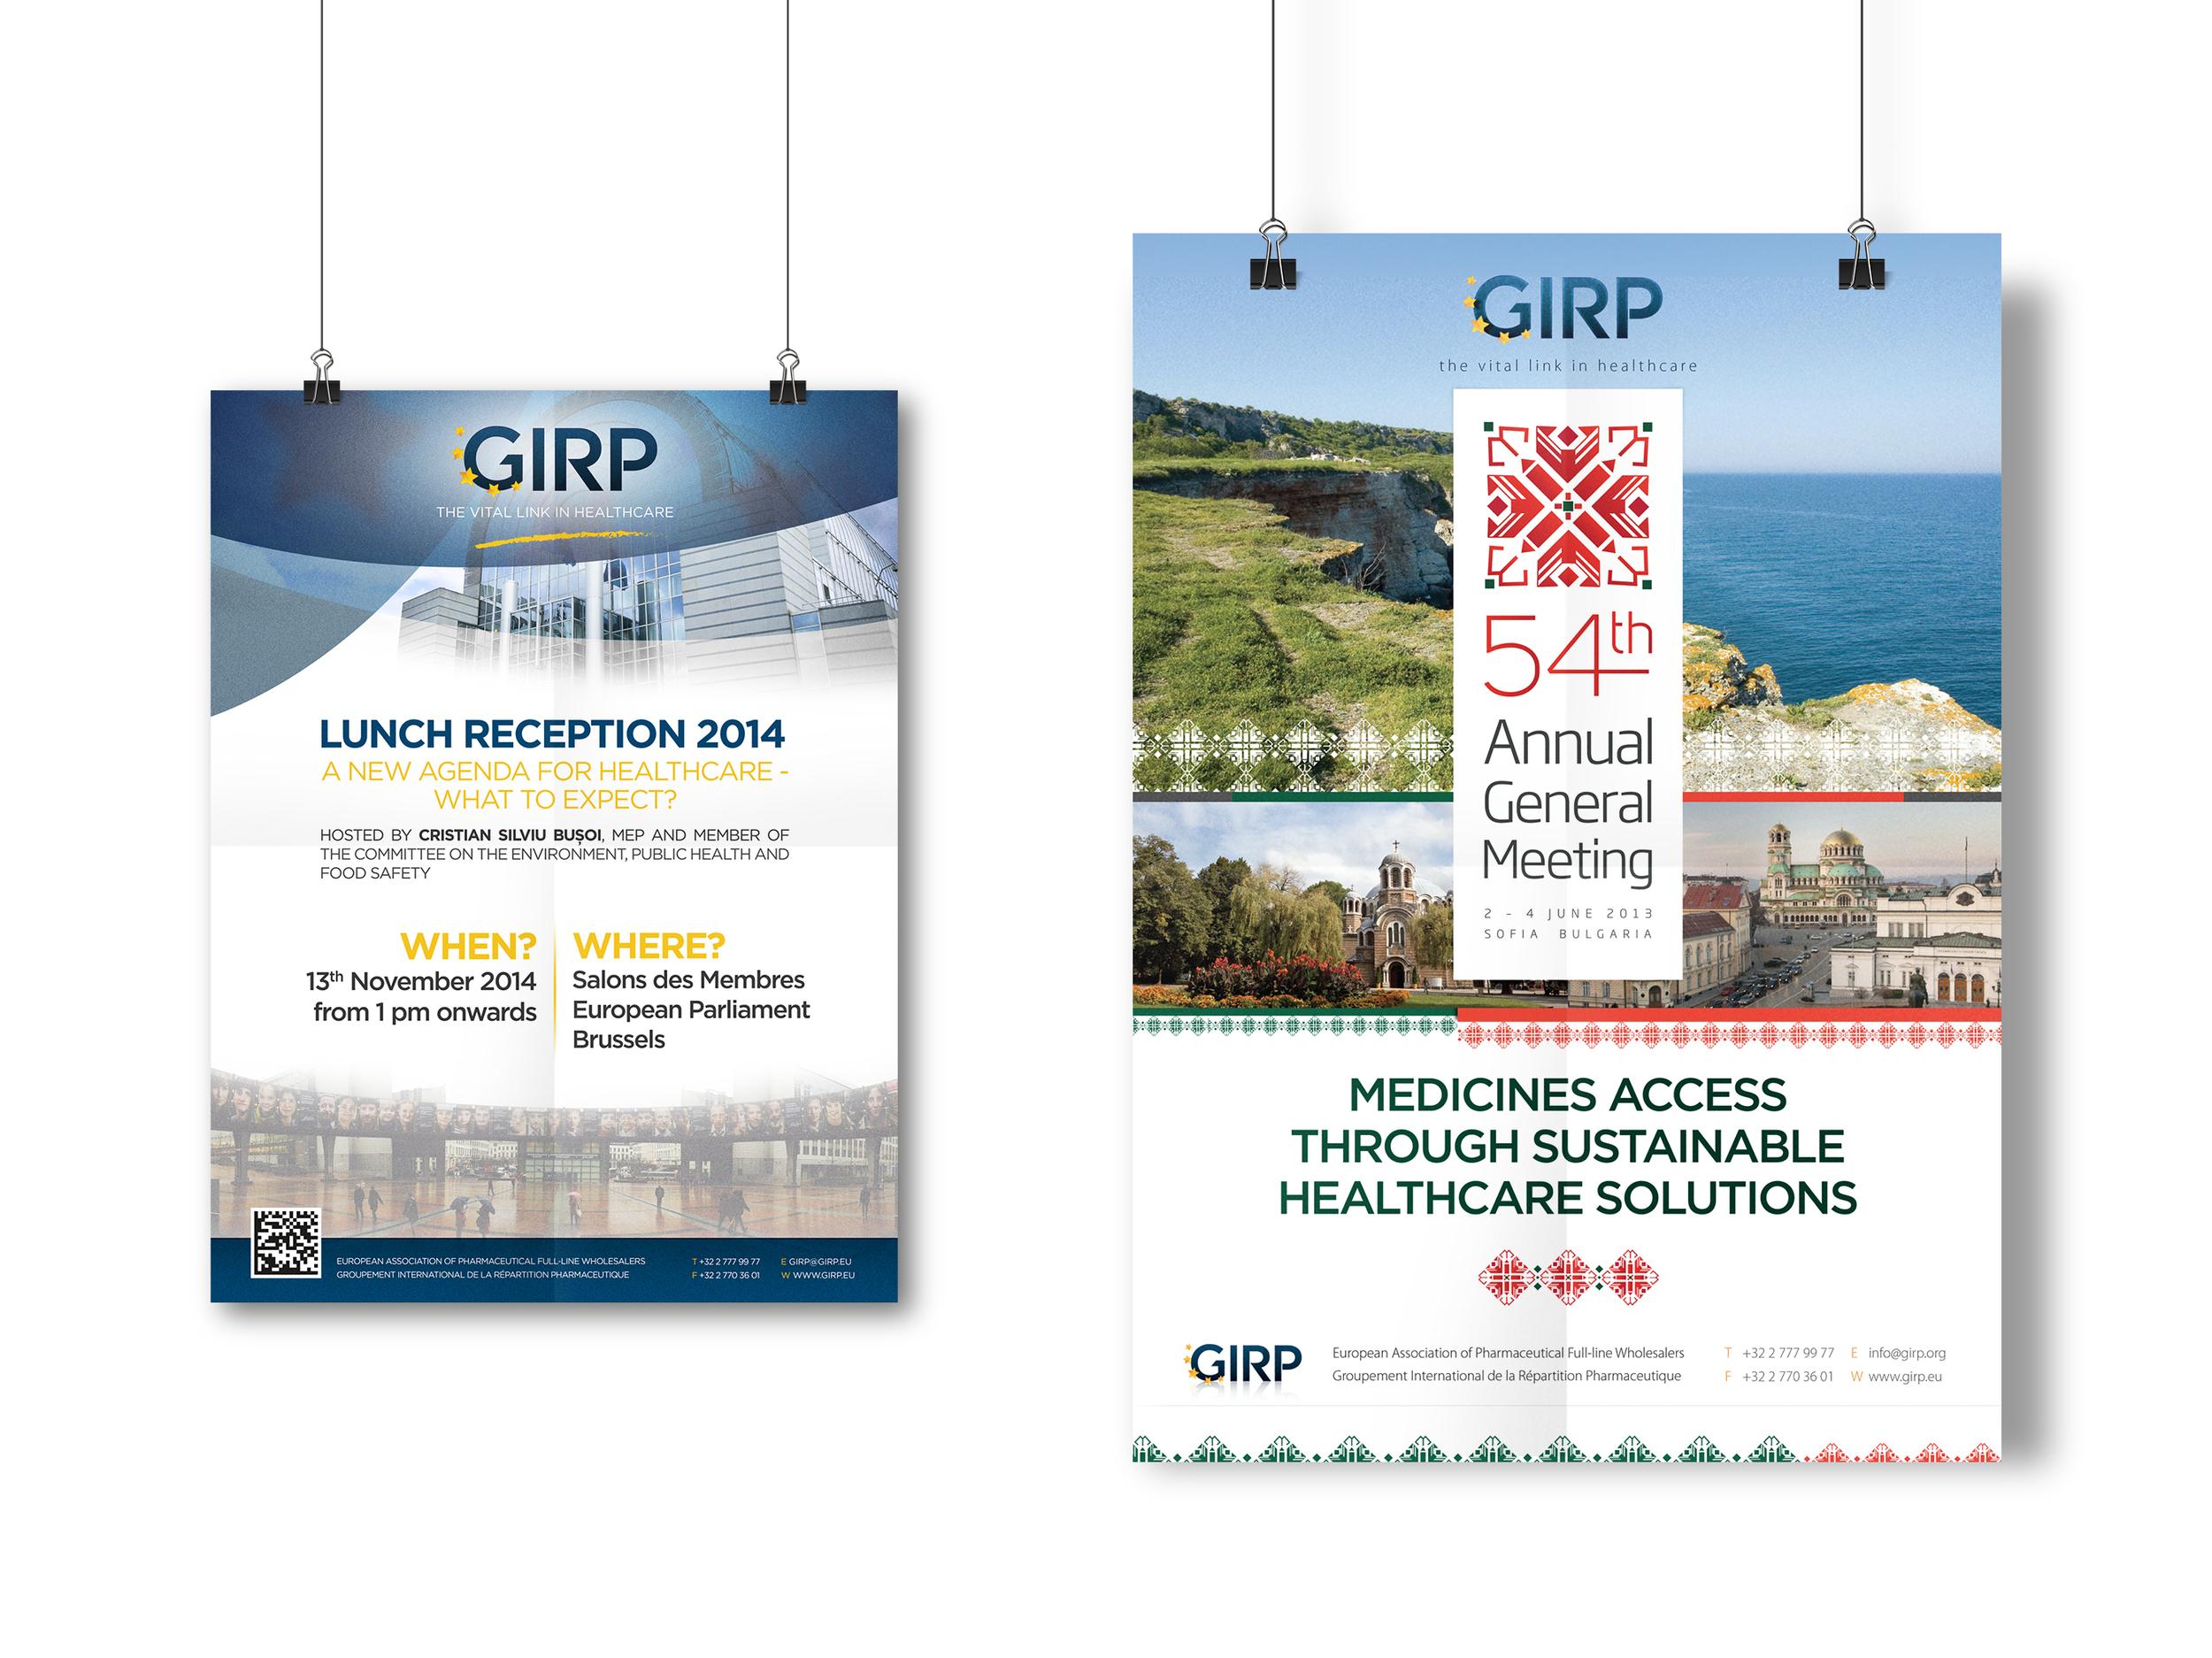 07. GIRP - posters.jpg